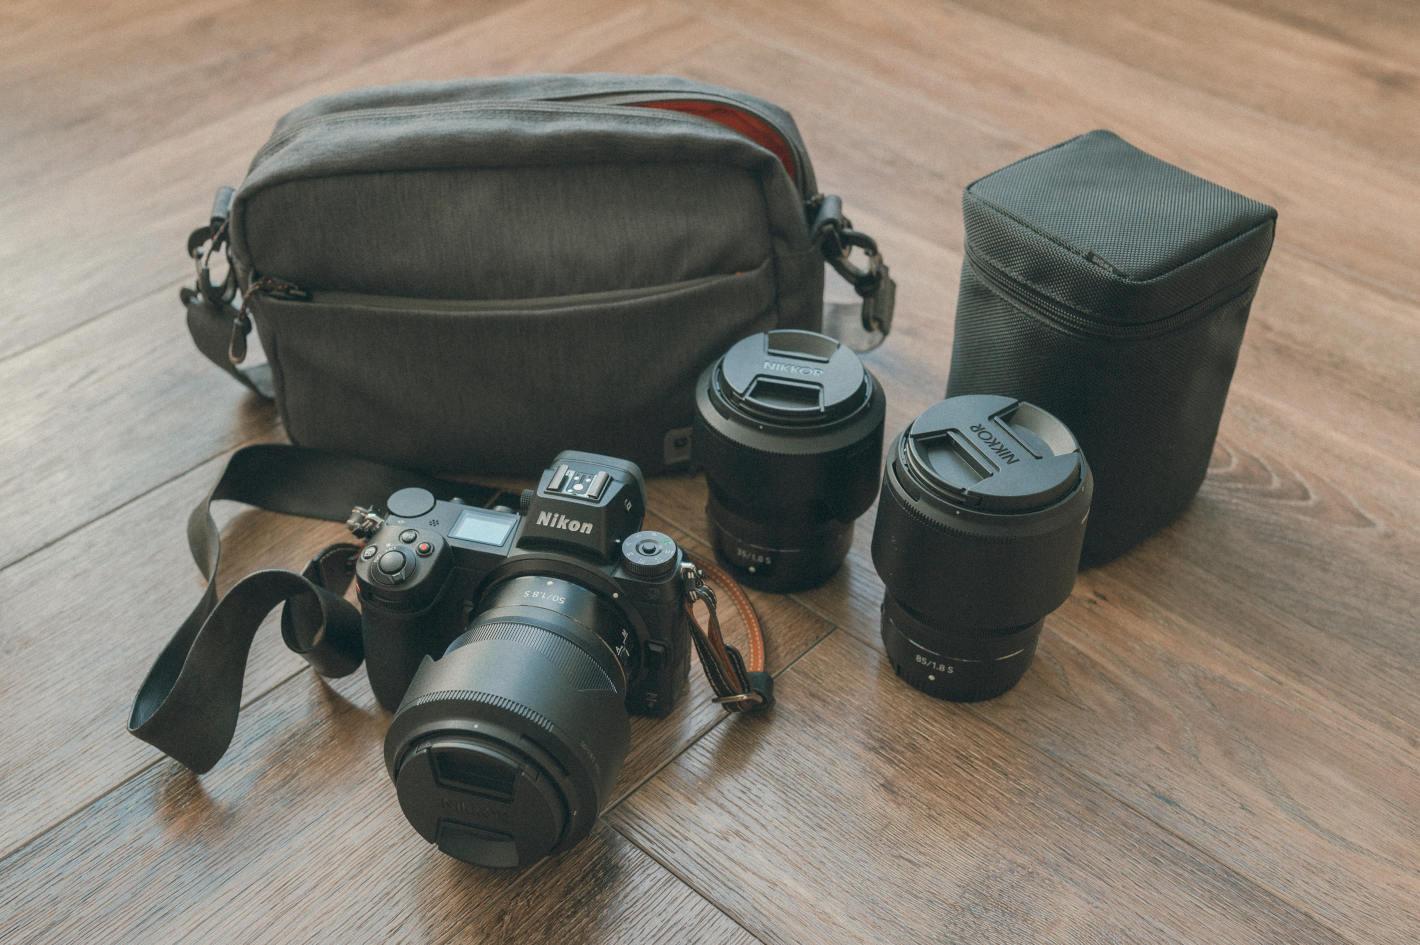 フォトグラファーの鞄の中身 – 酒井貴弘さんの街中ポートレートの撮影スタイル